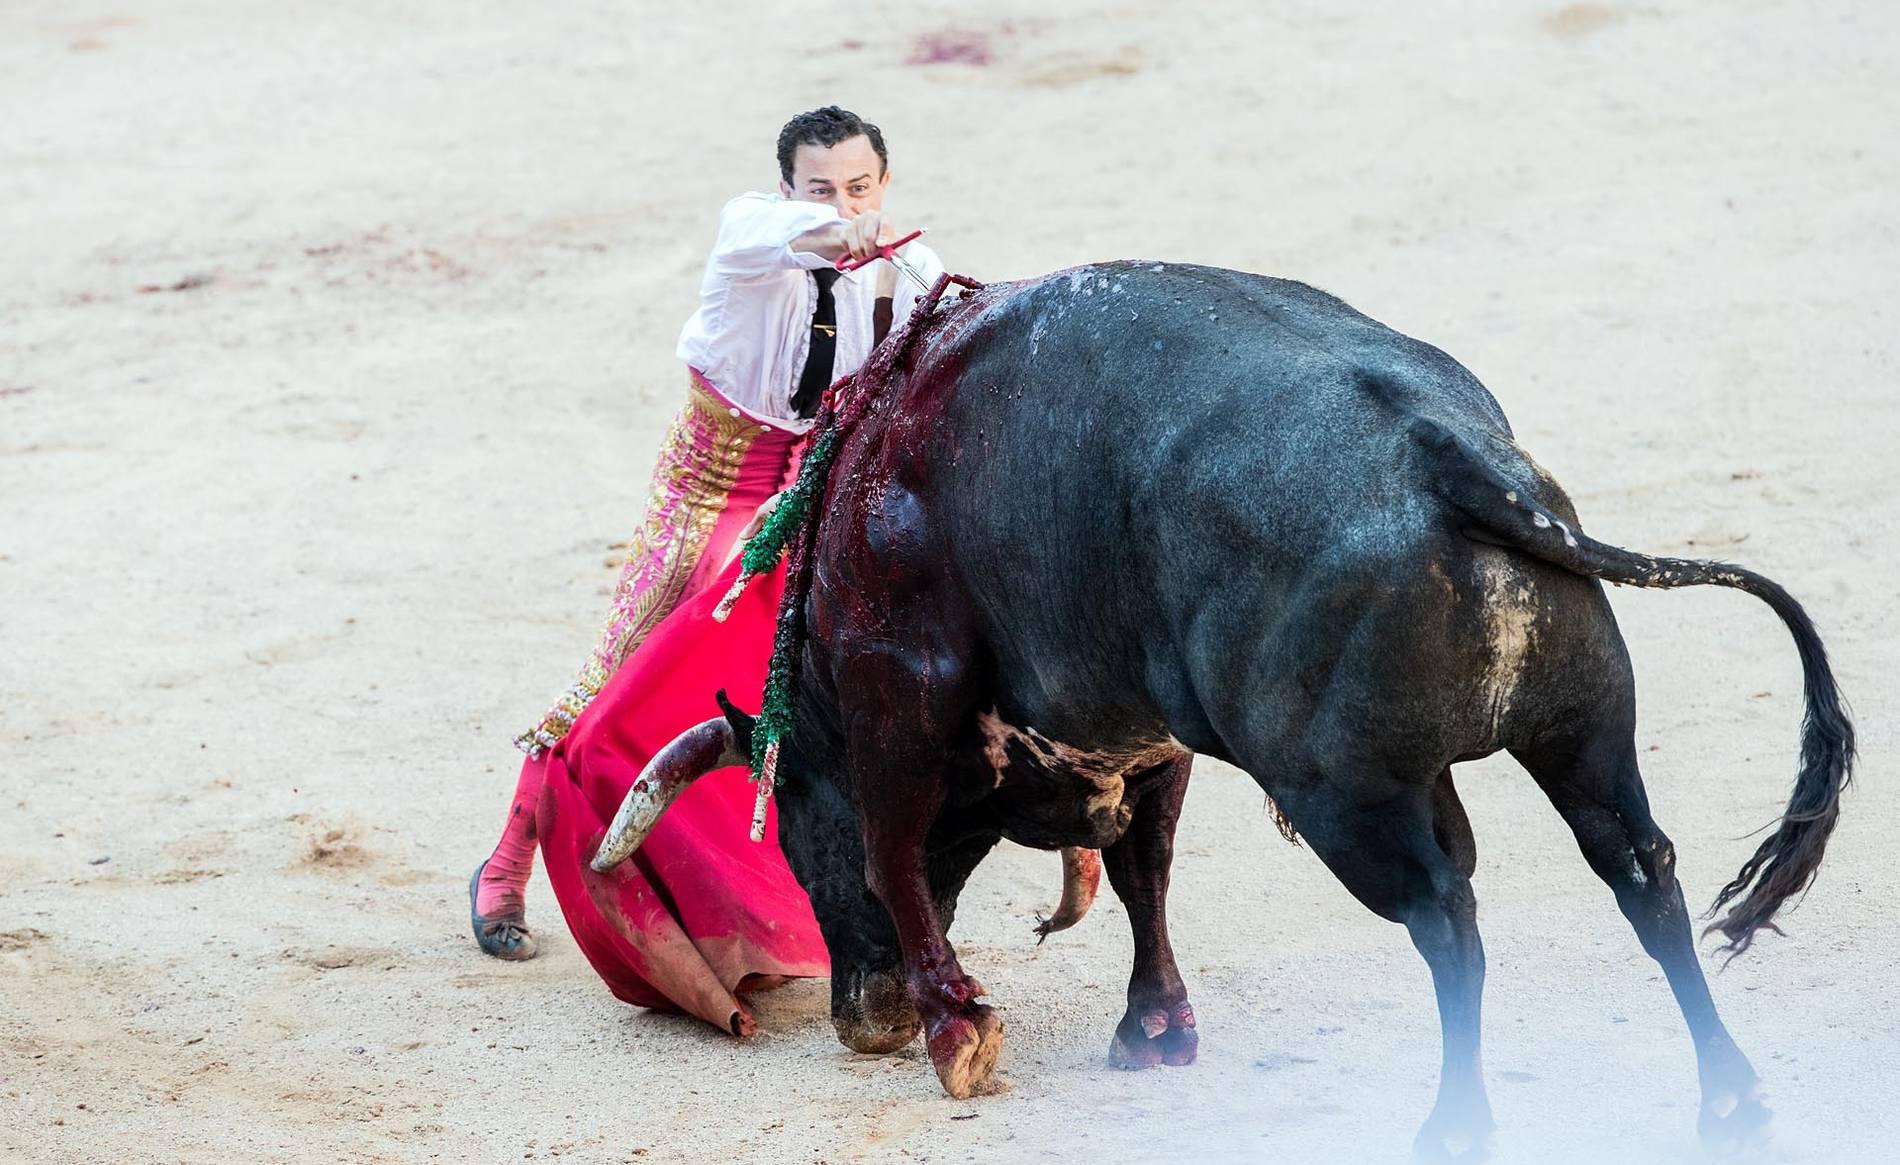 Corrida de toros del día 14 (1/46) - Imágenes de la corrida de toros del día 14 con la ganadería Miura - San Fermín -